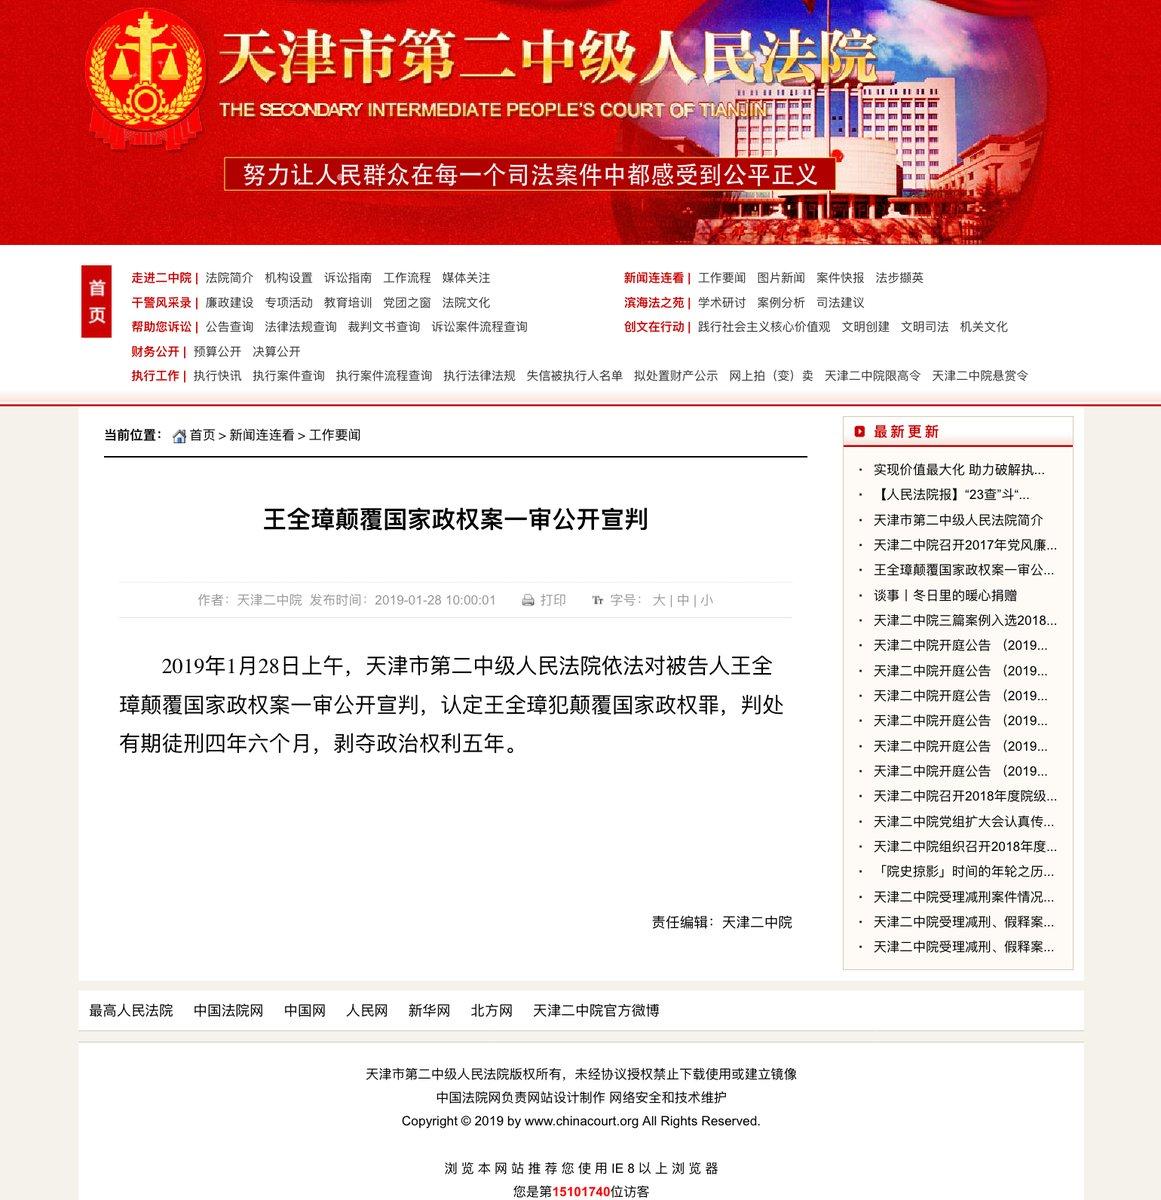 天津市第二中级人民法院 | 王全璋一审获刑四年半